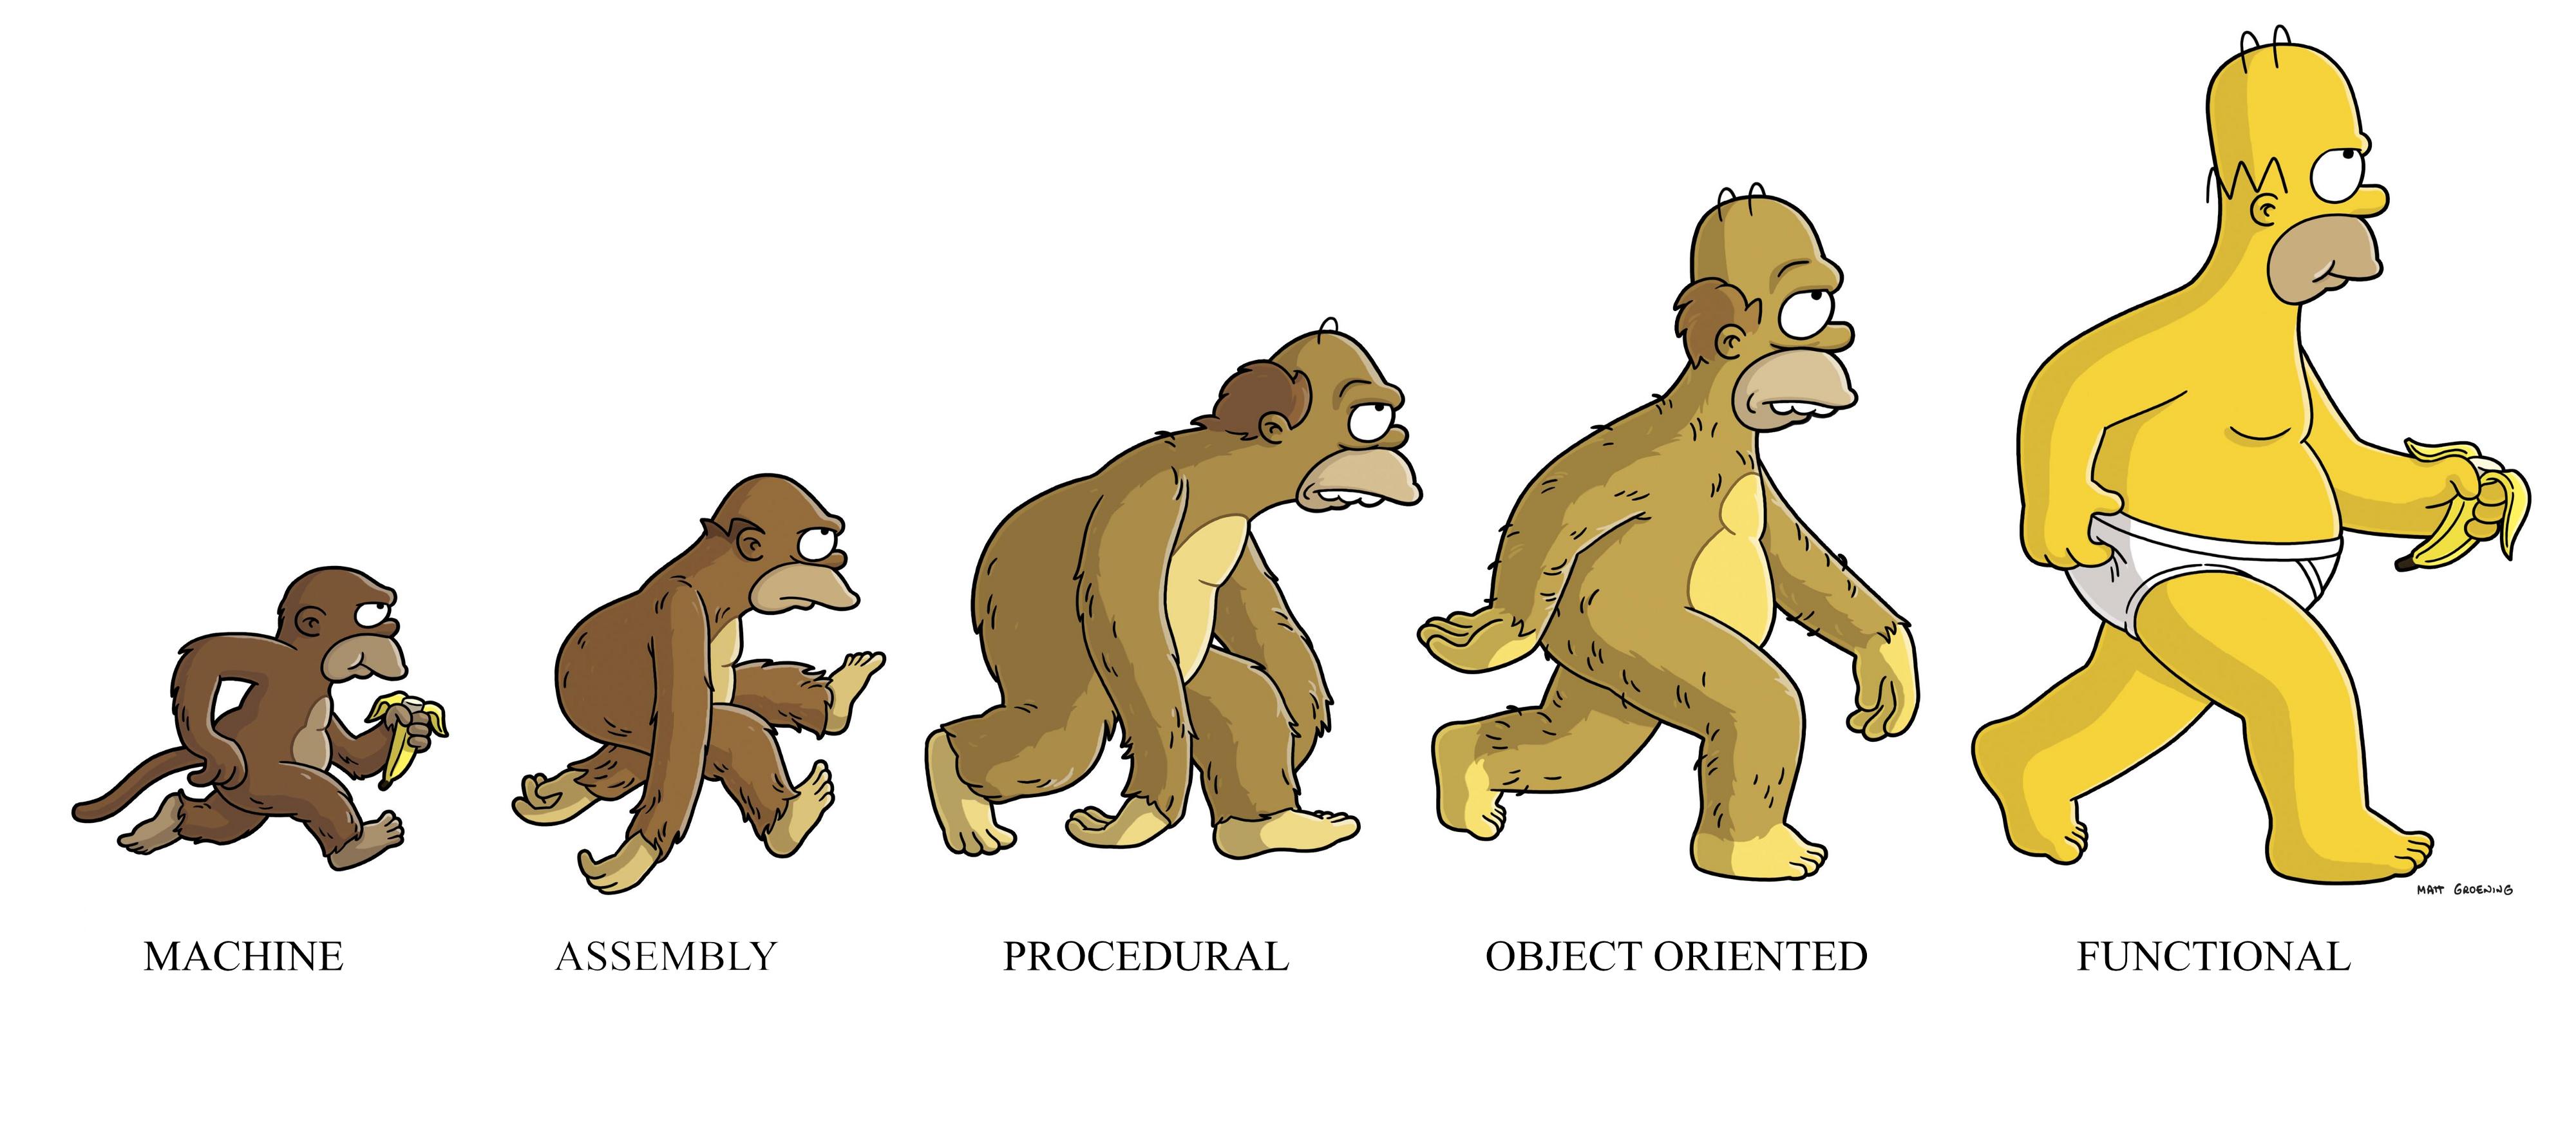 قسمت اول - مفاهیم و الگوهای برنامه نویسی تابعی (Functional) در جاوااسکریپت